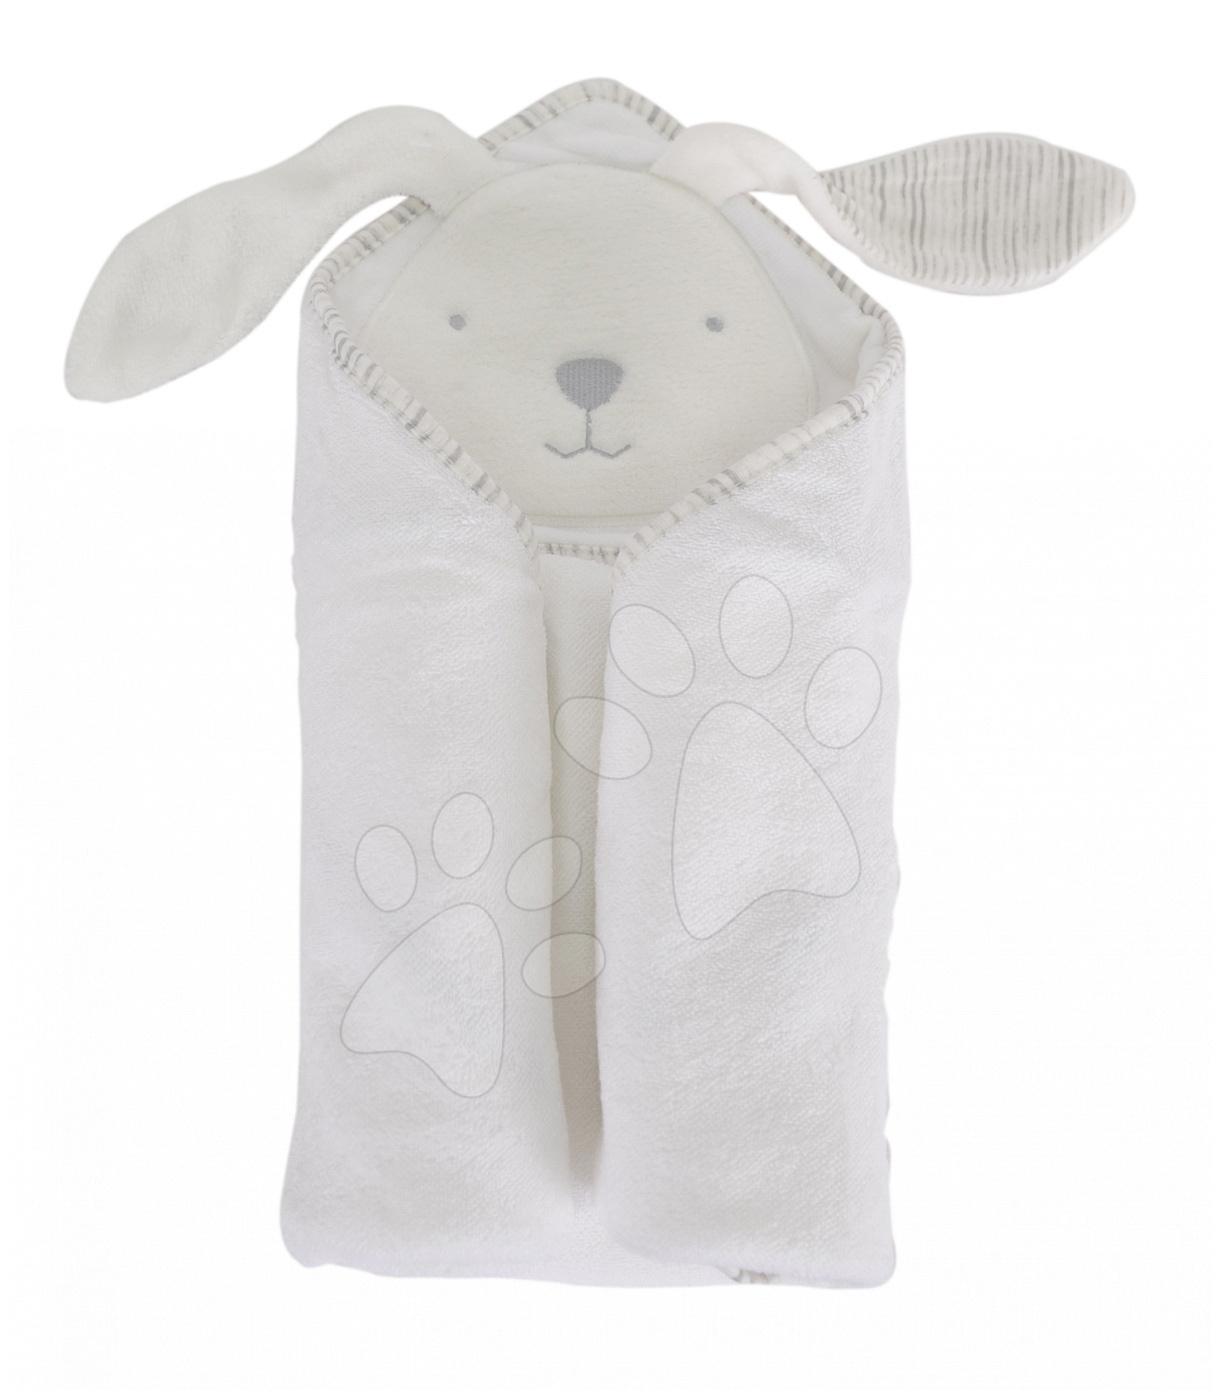 Osuška s kapucí pro nejmenší Classic toTs-smarTrike zajíček 100% přírodní velur bavlna bílá od 0 měsíců